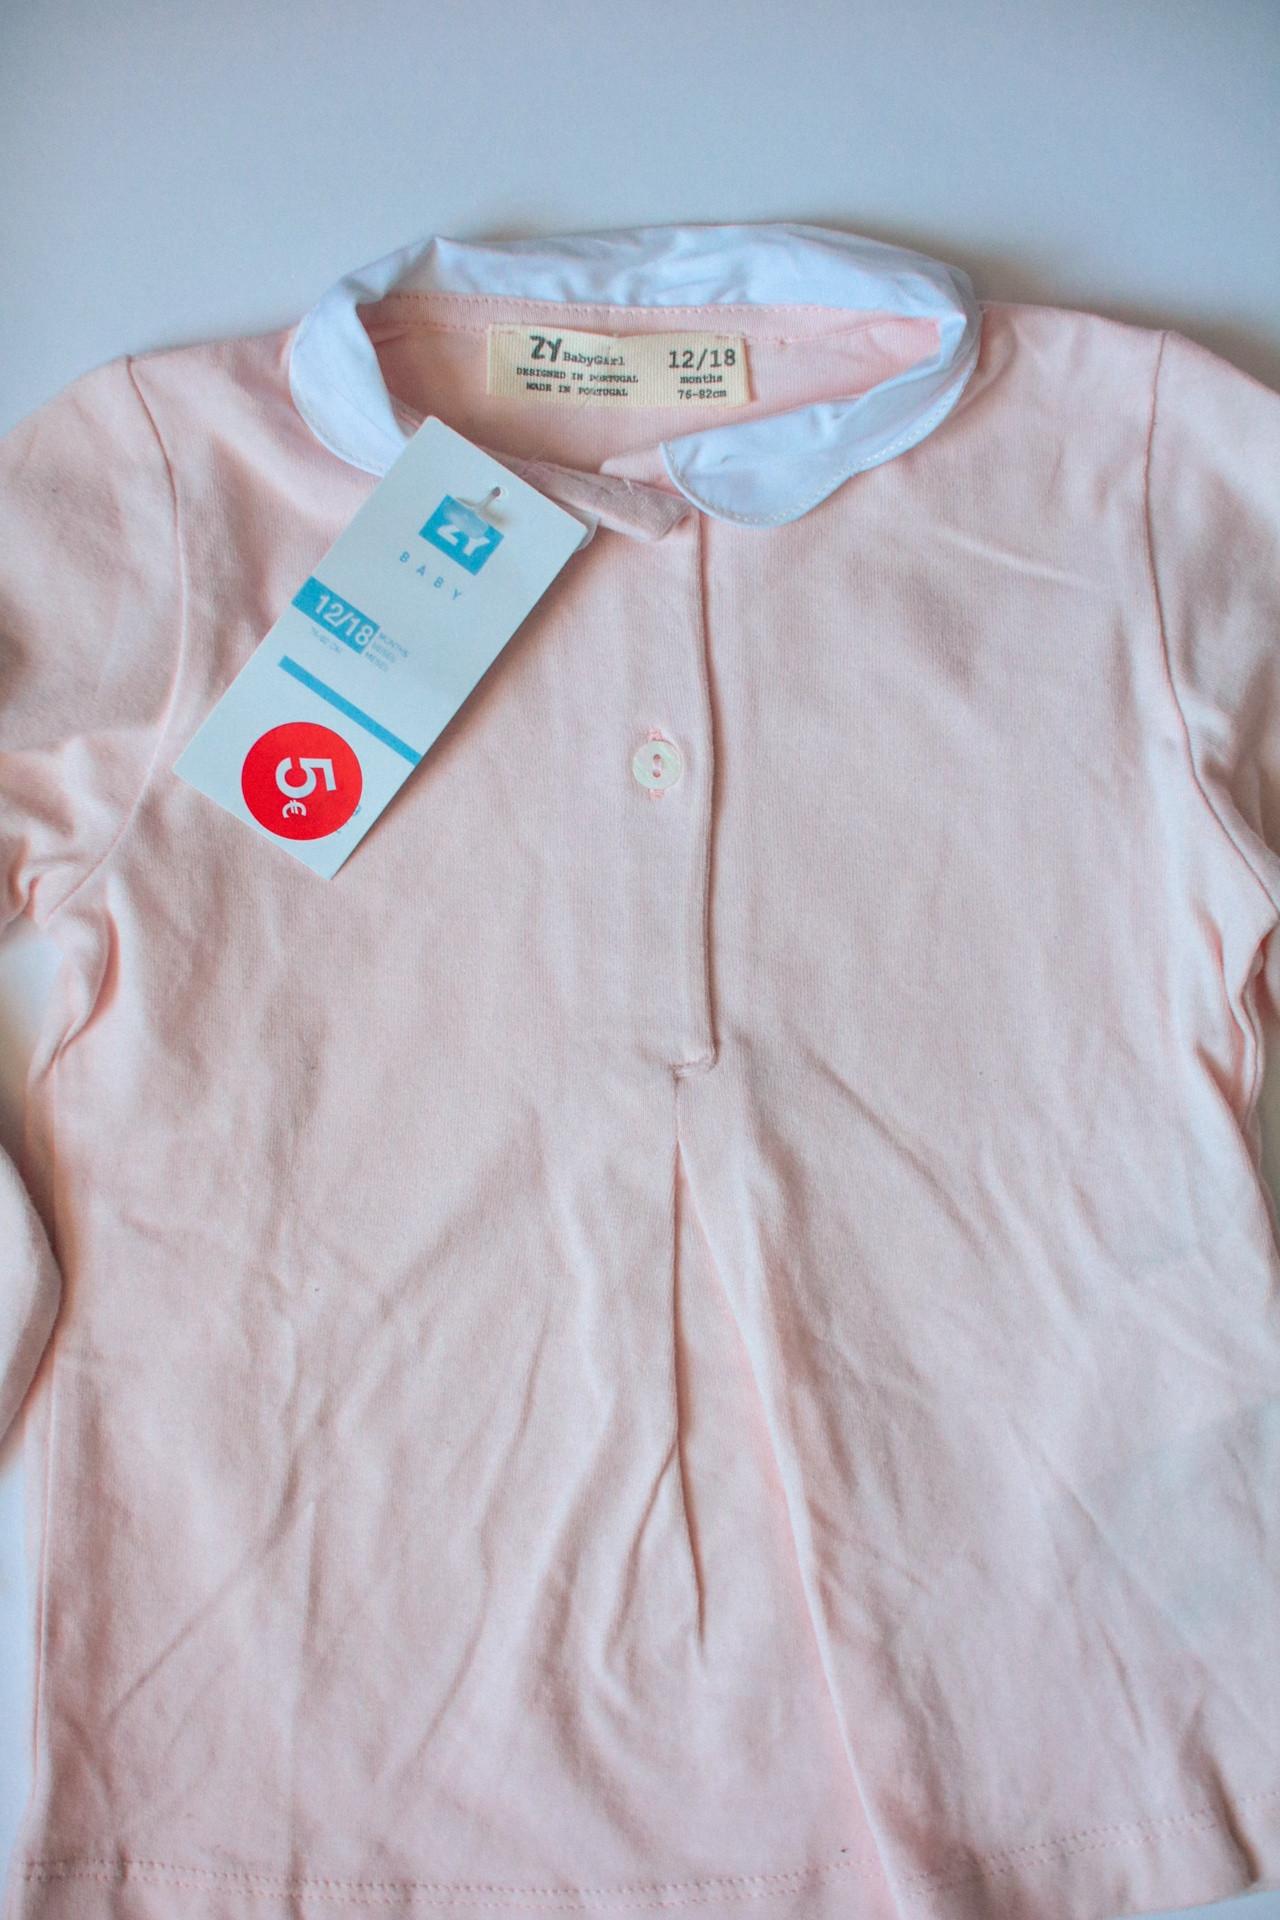 ZY BabyGirl  mazuļu krekliņš 12-18M - 3